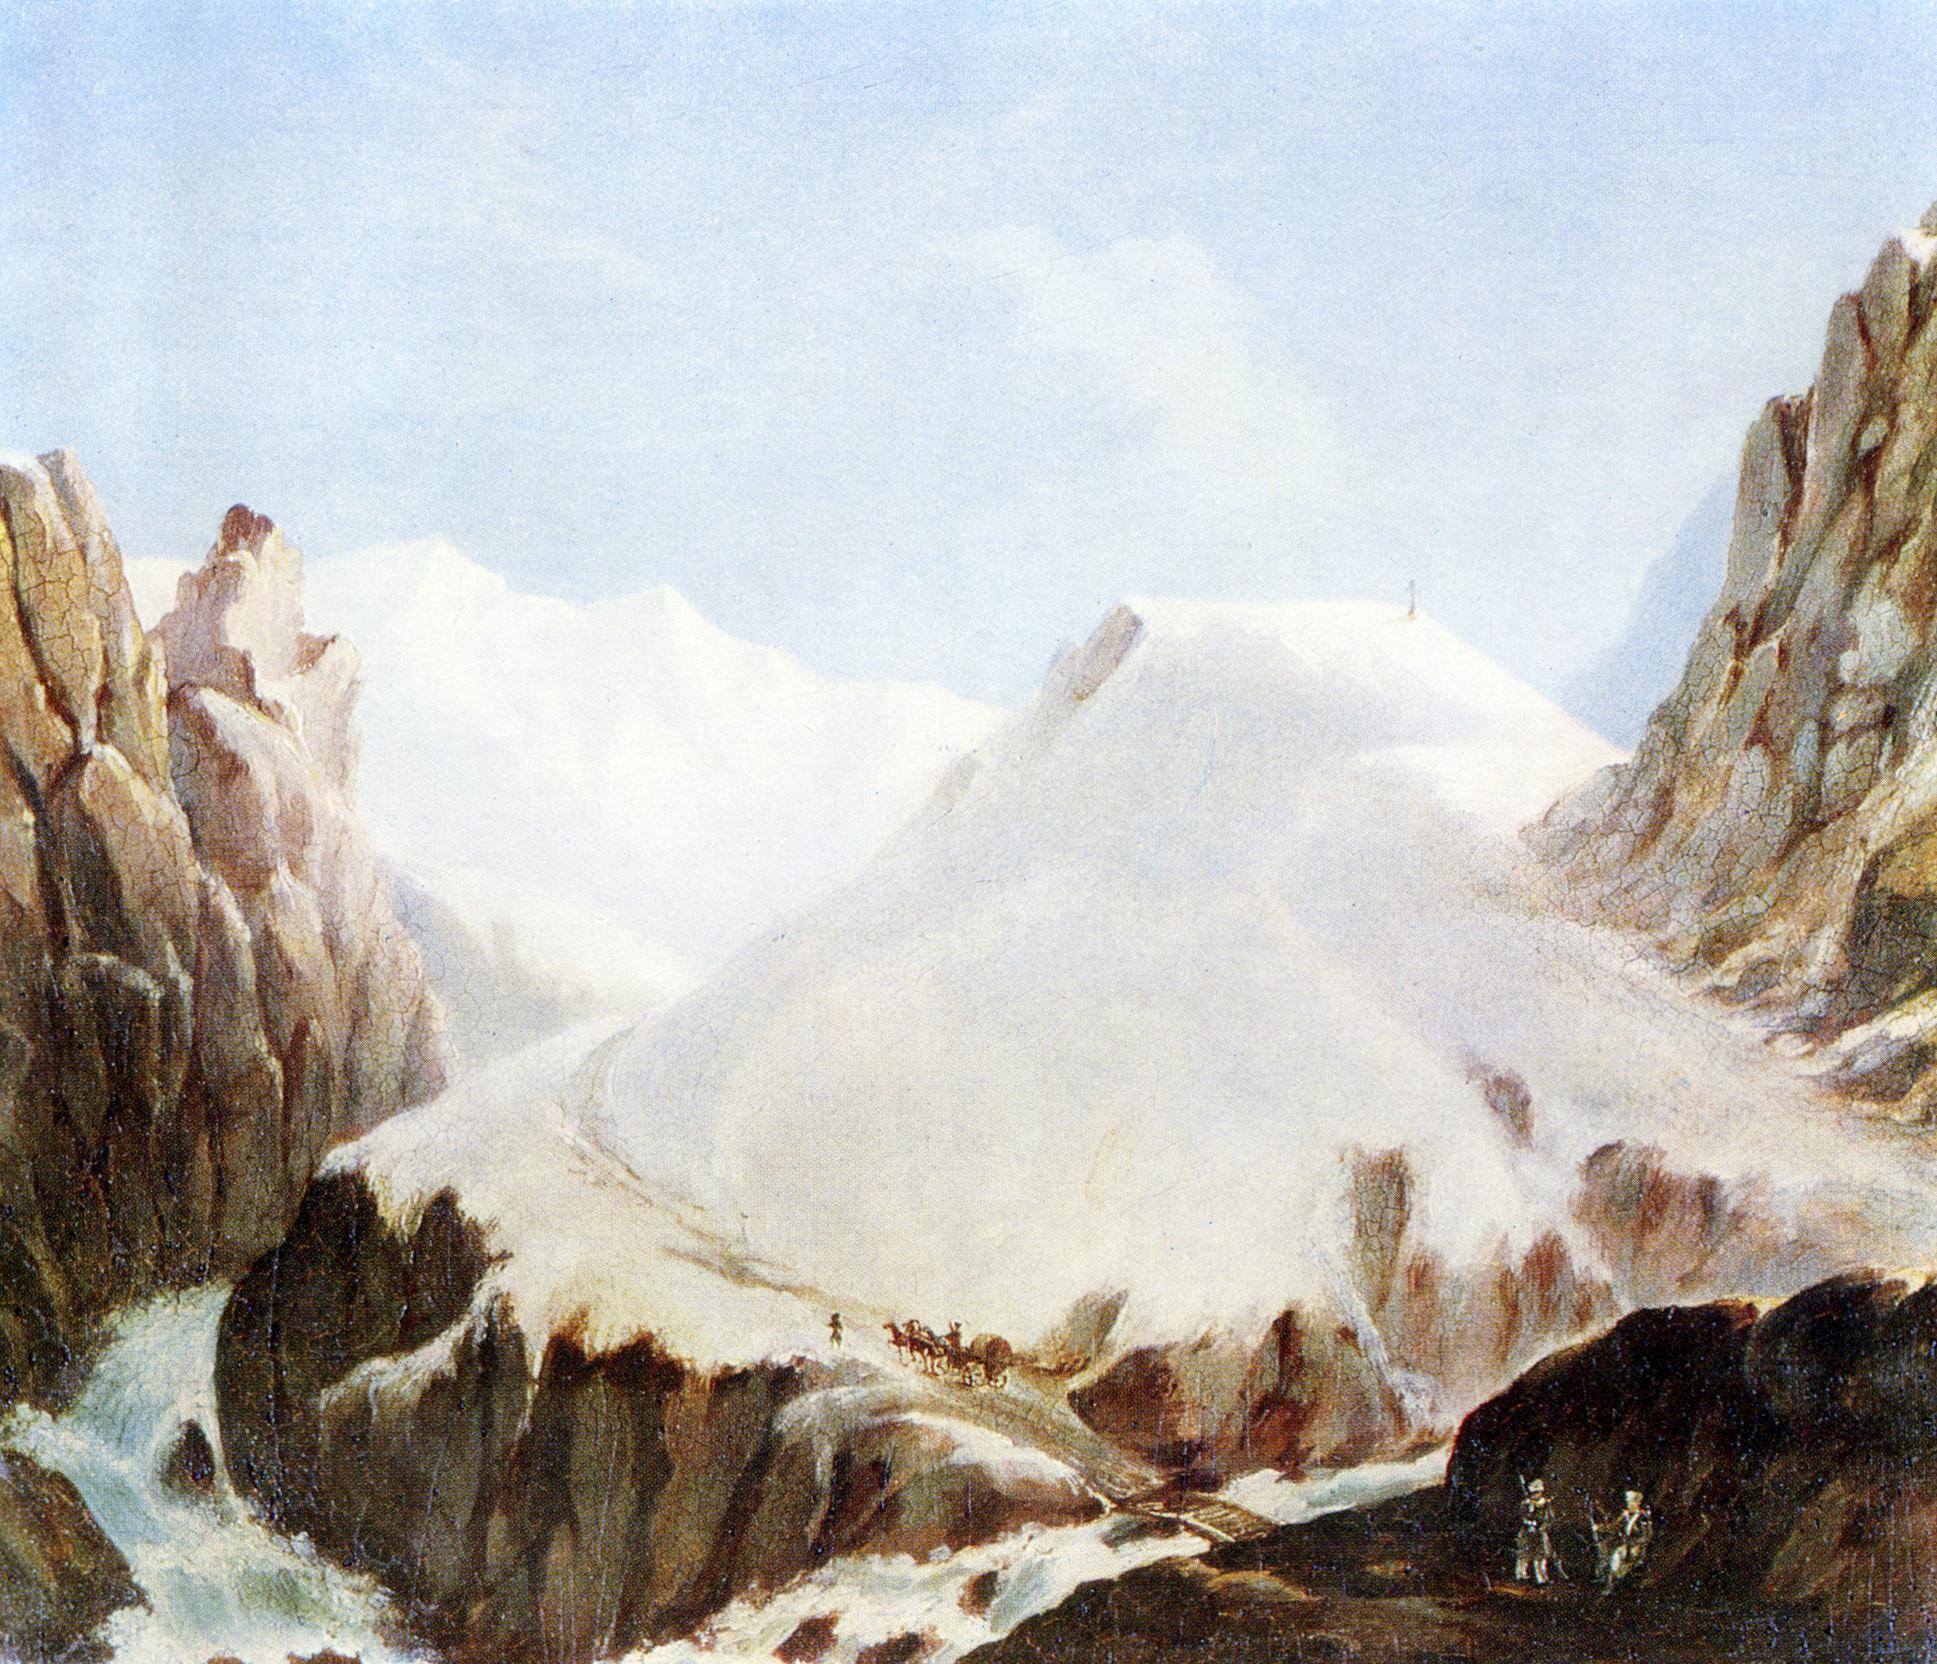 анализ стихотворения лермонтова синие горы кавказа приветствую вас